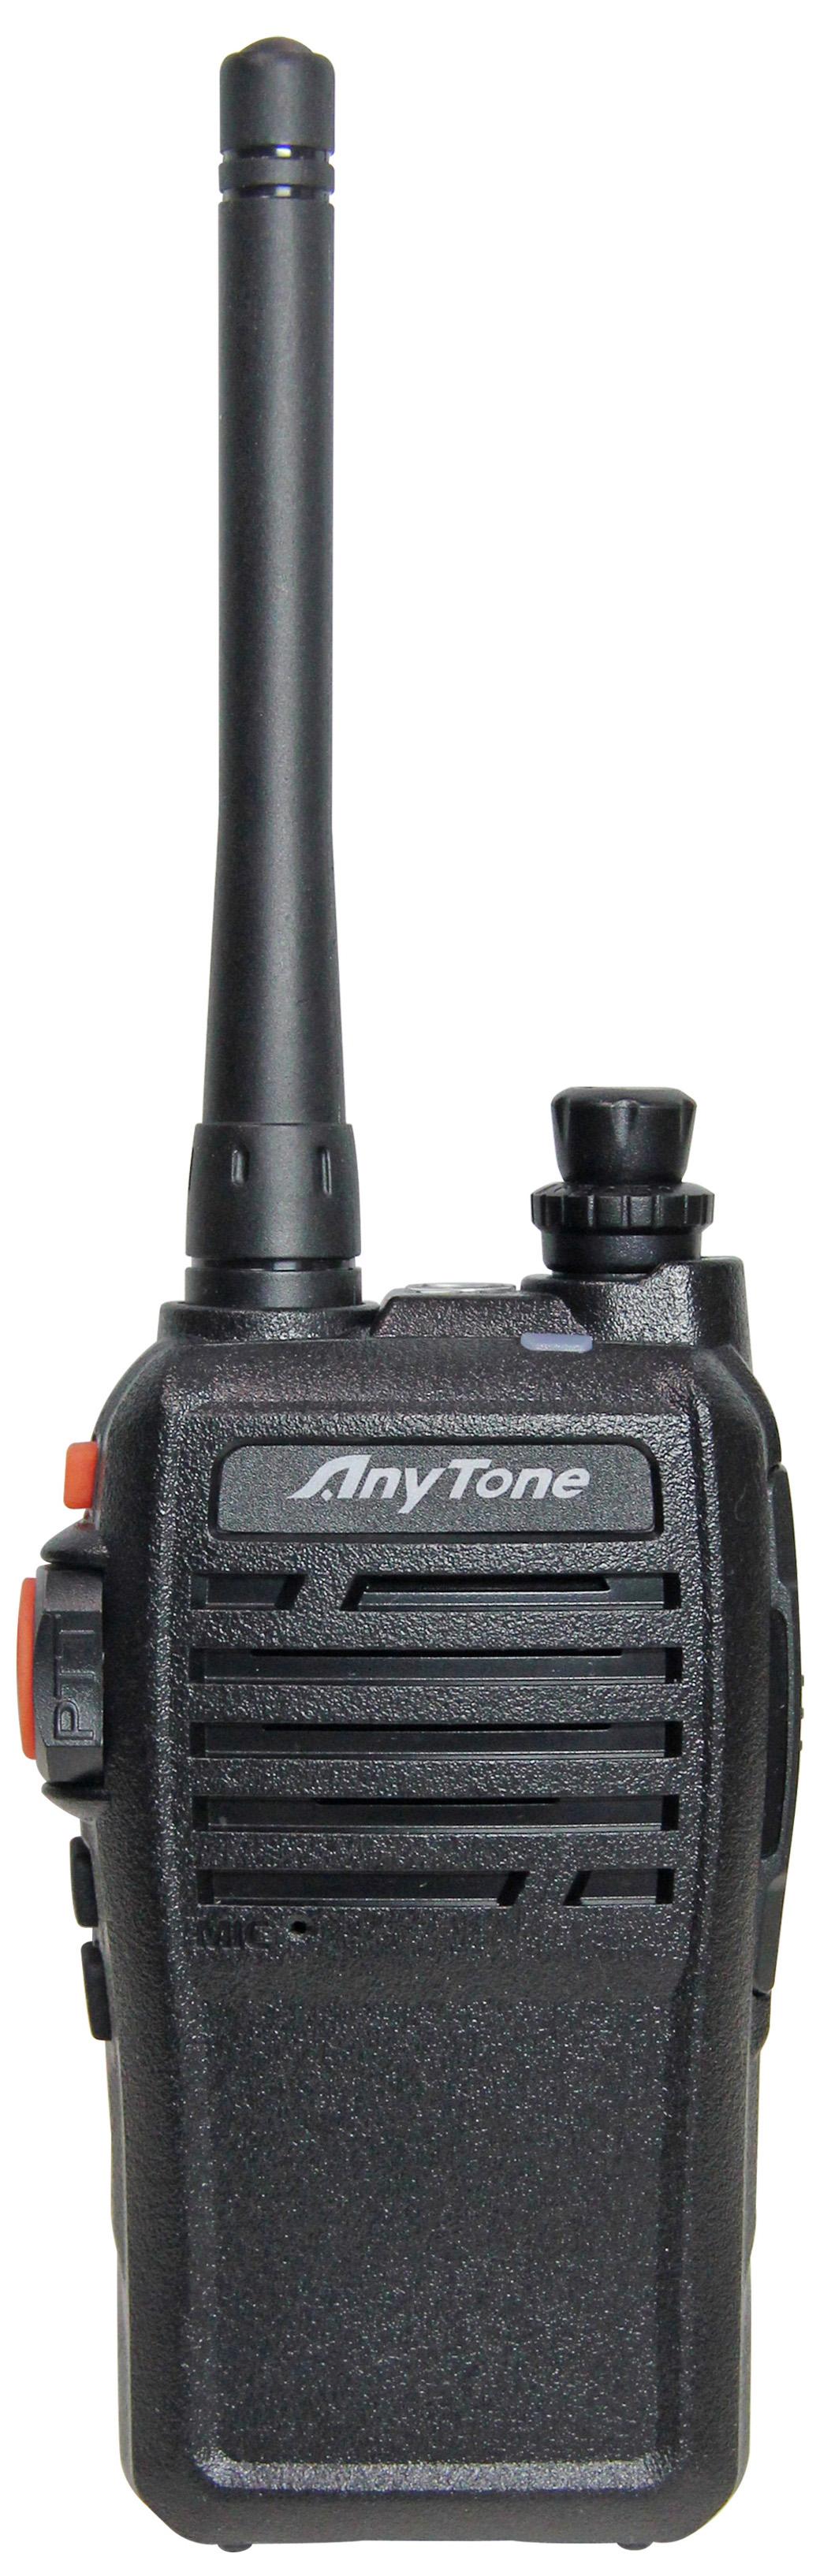 AnyTone Tech: AnyTone Radios